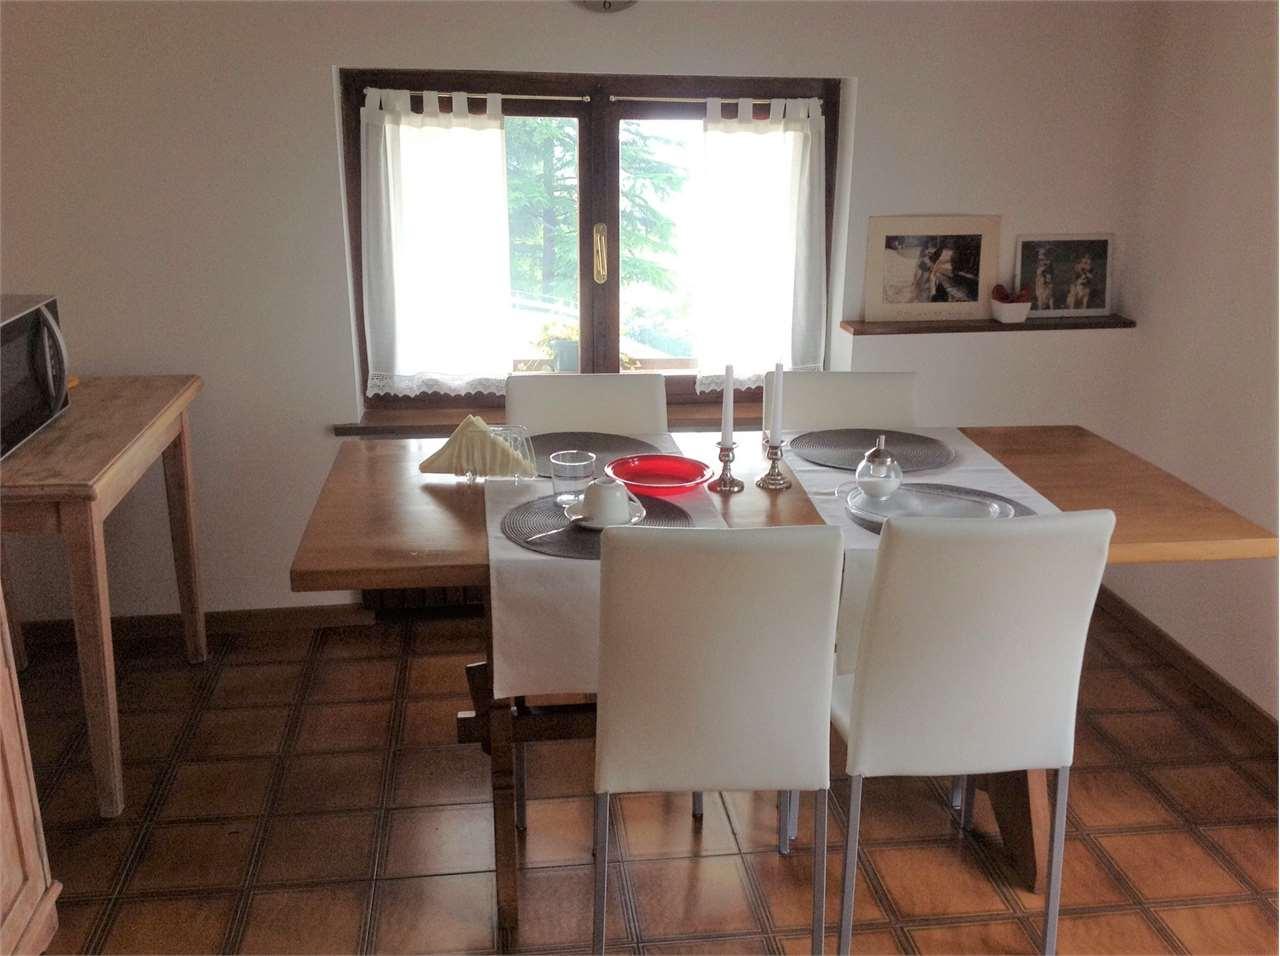 Foto appartamento in affitto a Rovereto (Trento)